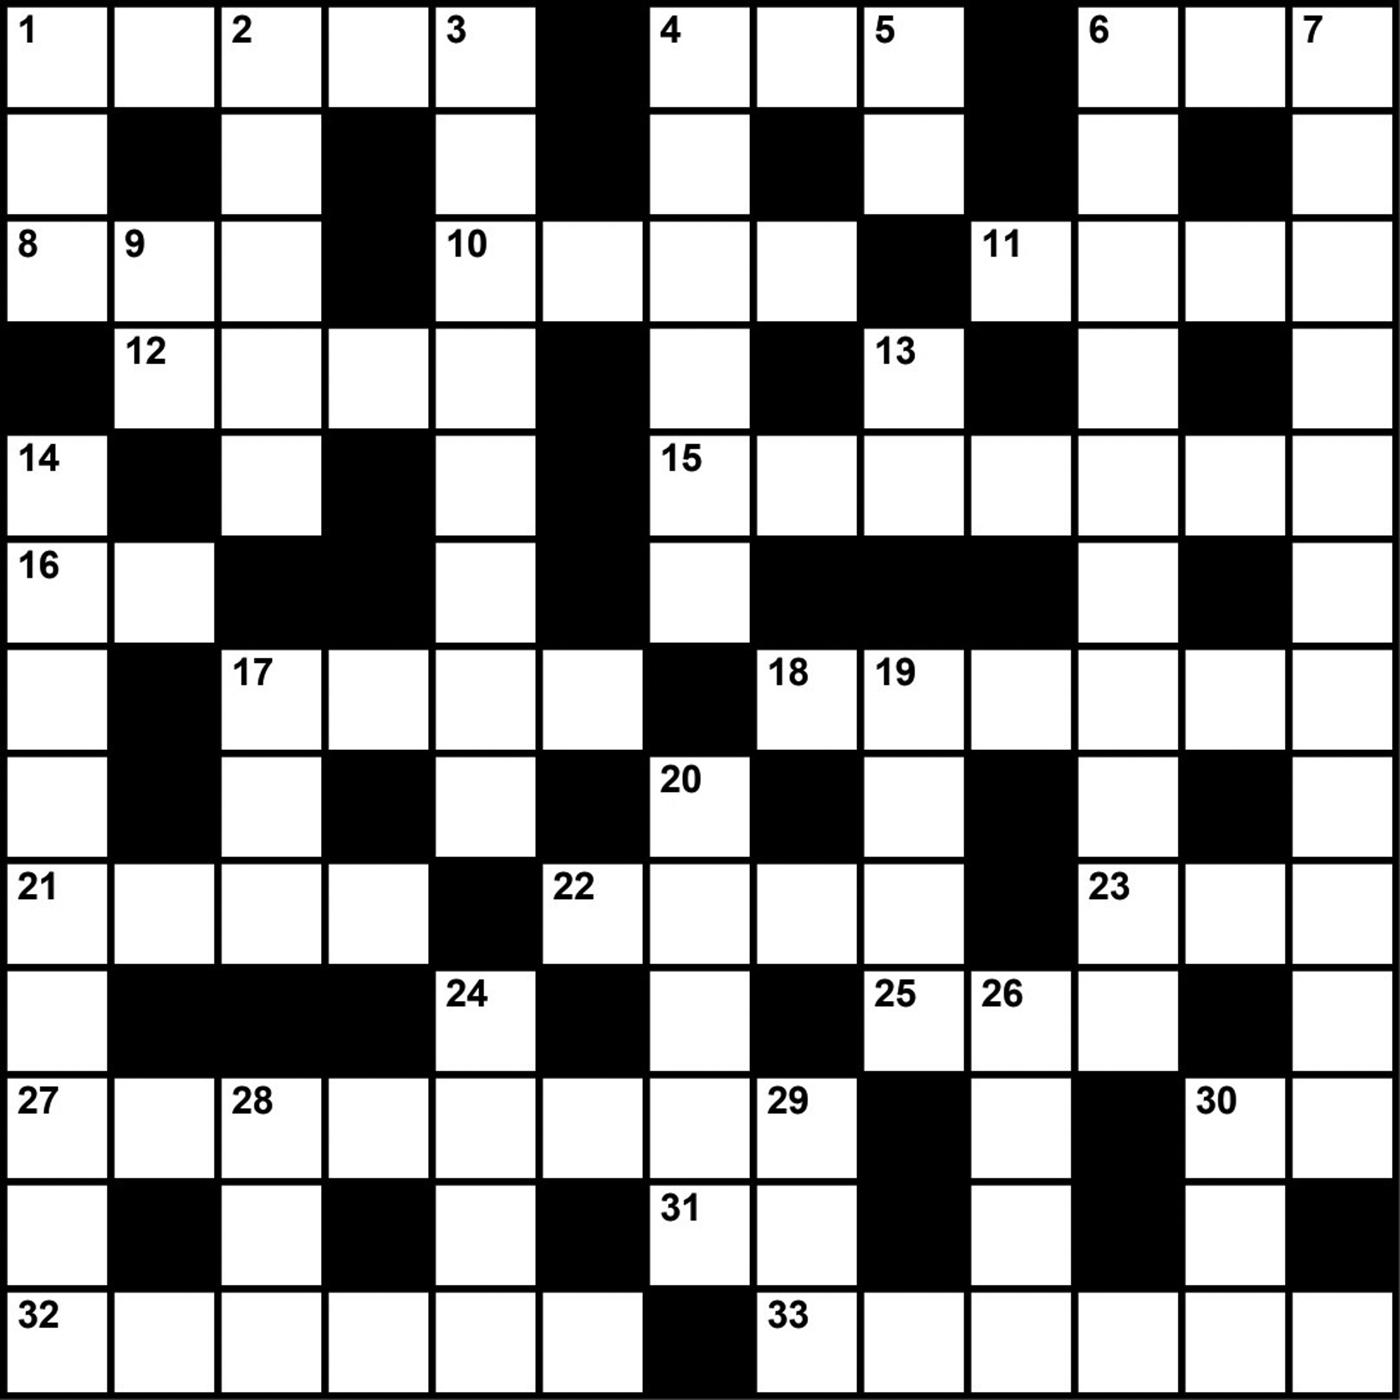 Crossword Puzzle: Sleep Medicine-Themed Clues (June 2018) - Sleep Review - Printable Crossword Puzzles June 2018